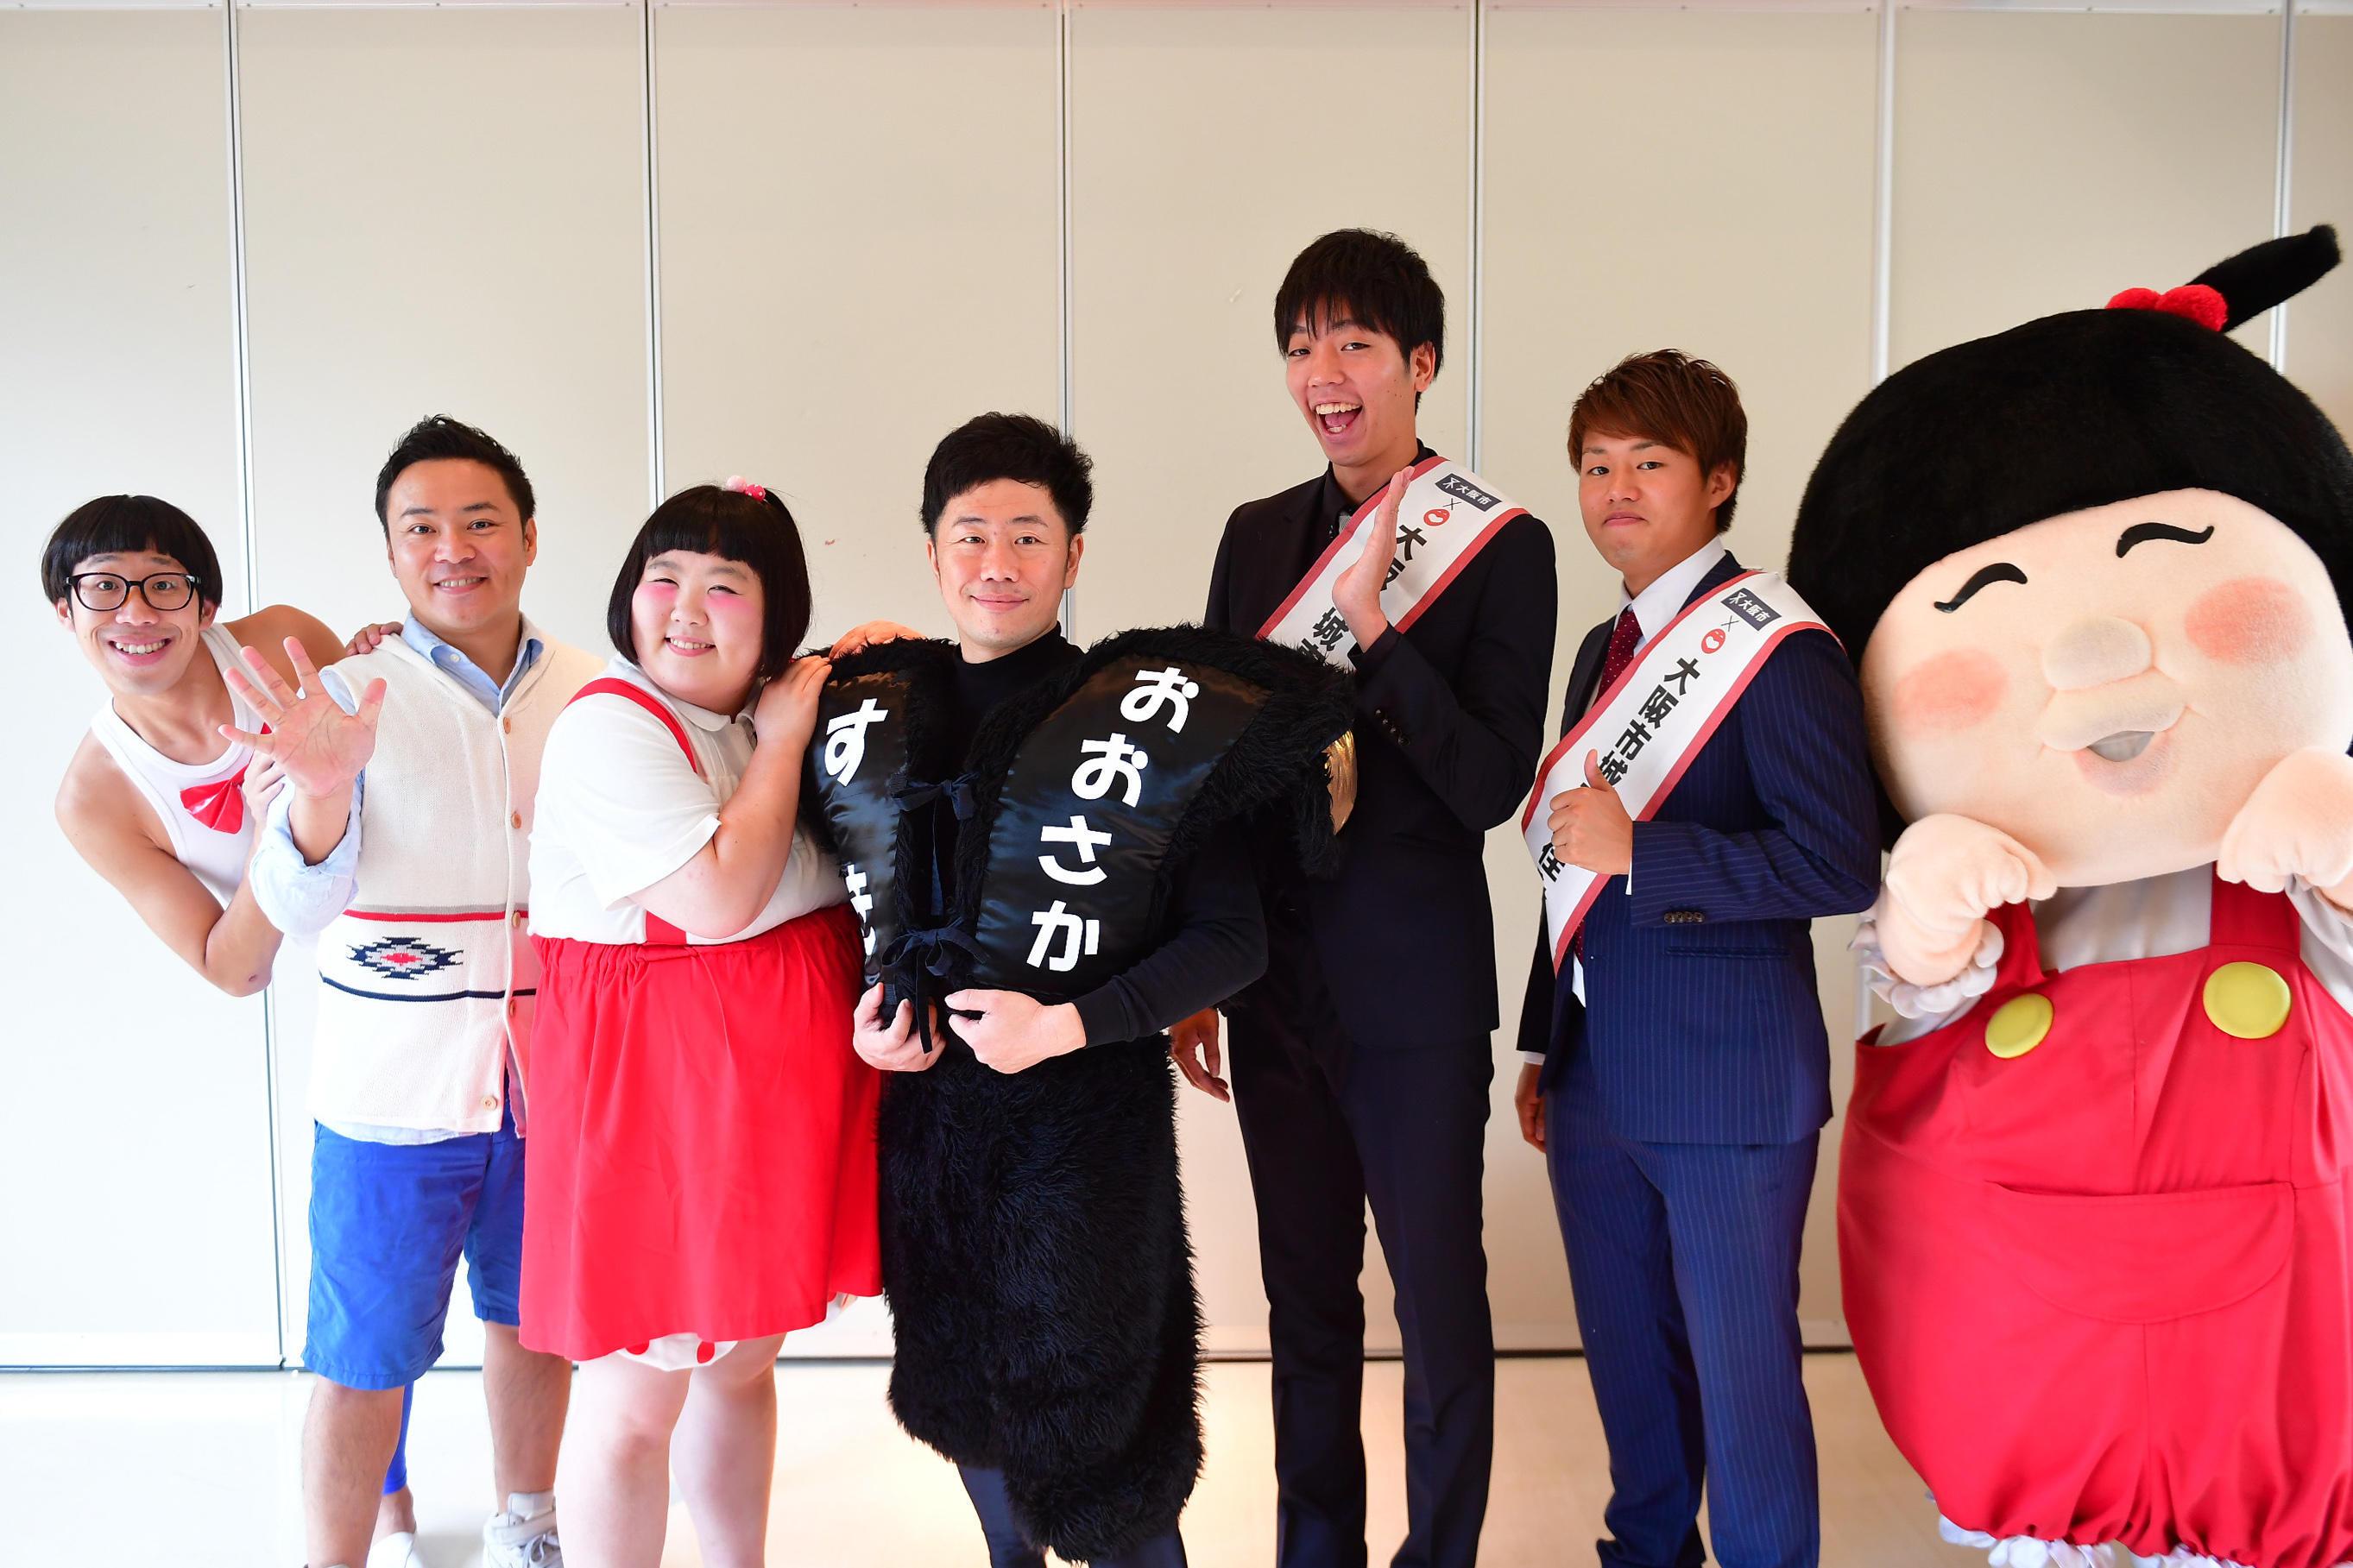 http://news.yoshimoto.co.jp/20180914160354-dbb98e43c5831a92bd454f3e3a86eae78328b711.jpg